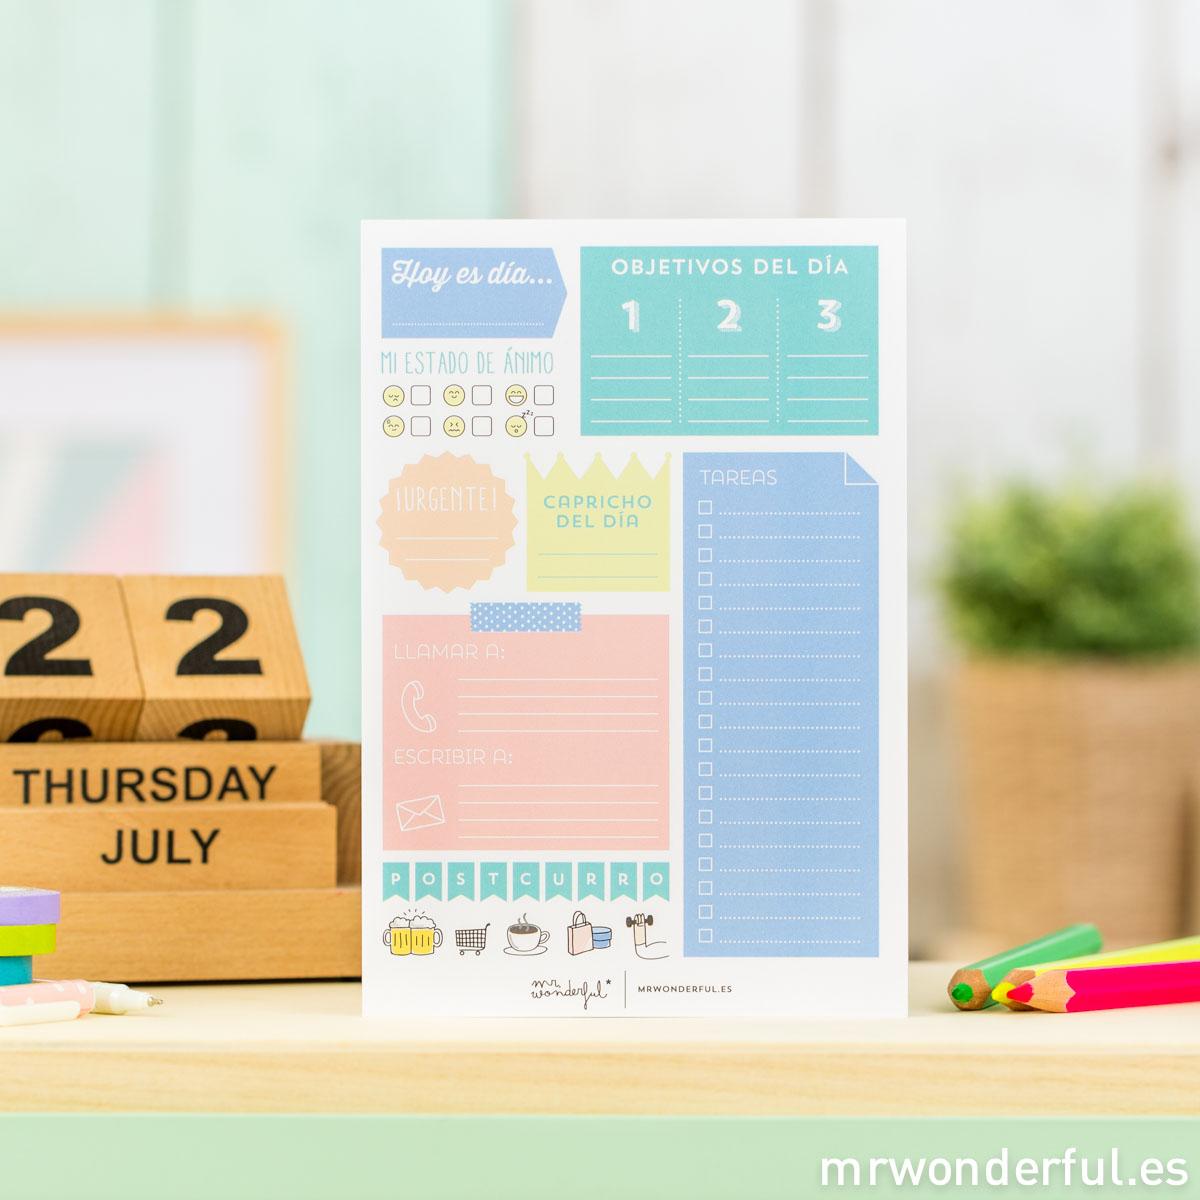 mrwonderful_WEEK07_Bloc-tareas-para-tu-dia-a-dia-4